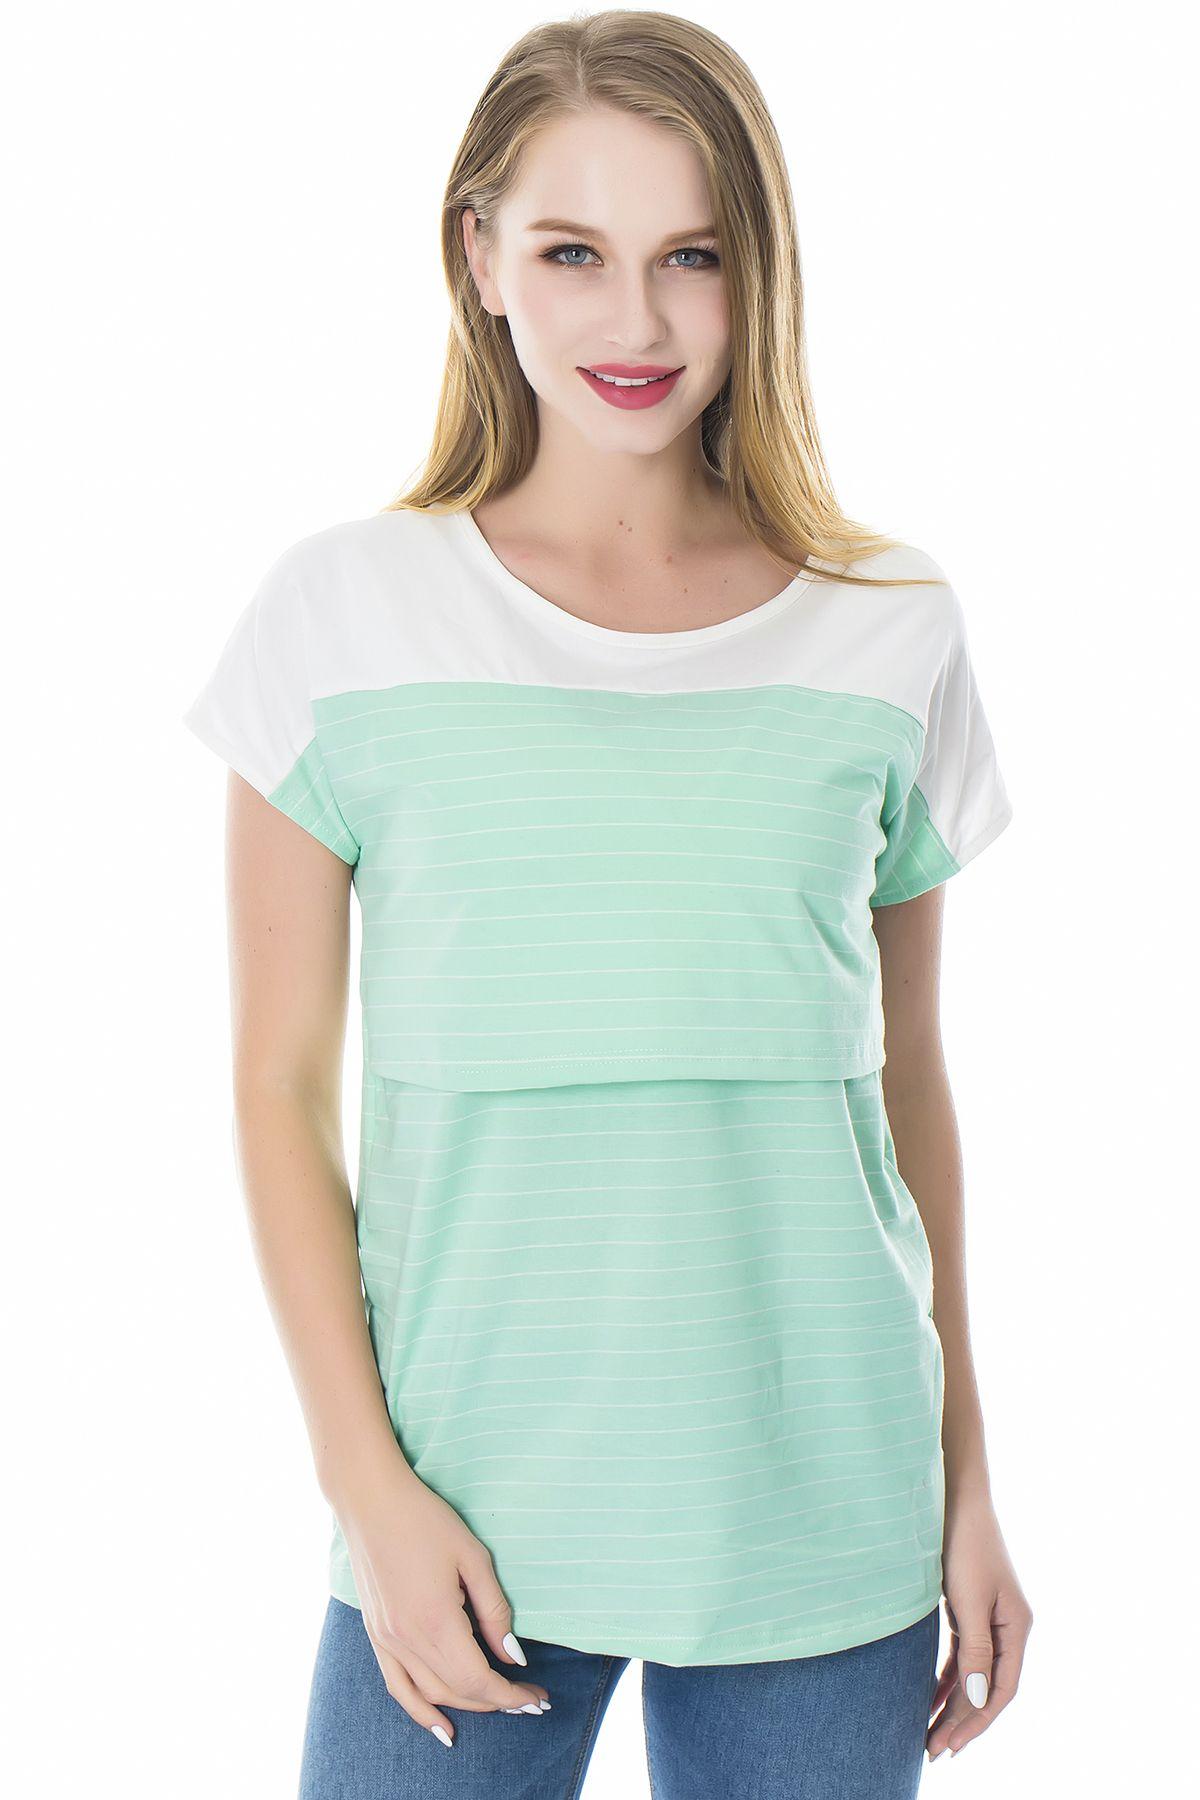 Smallshow Womens Short Sleeve Patchwork Nursing Dresses for Breastfeeding